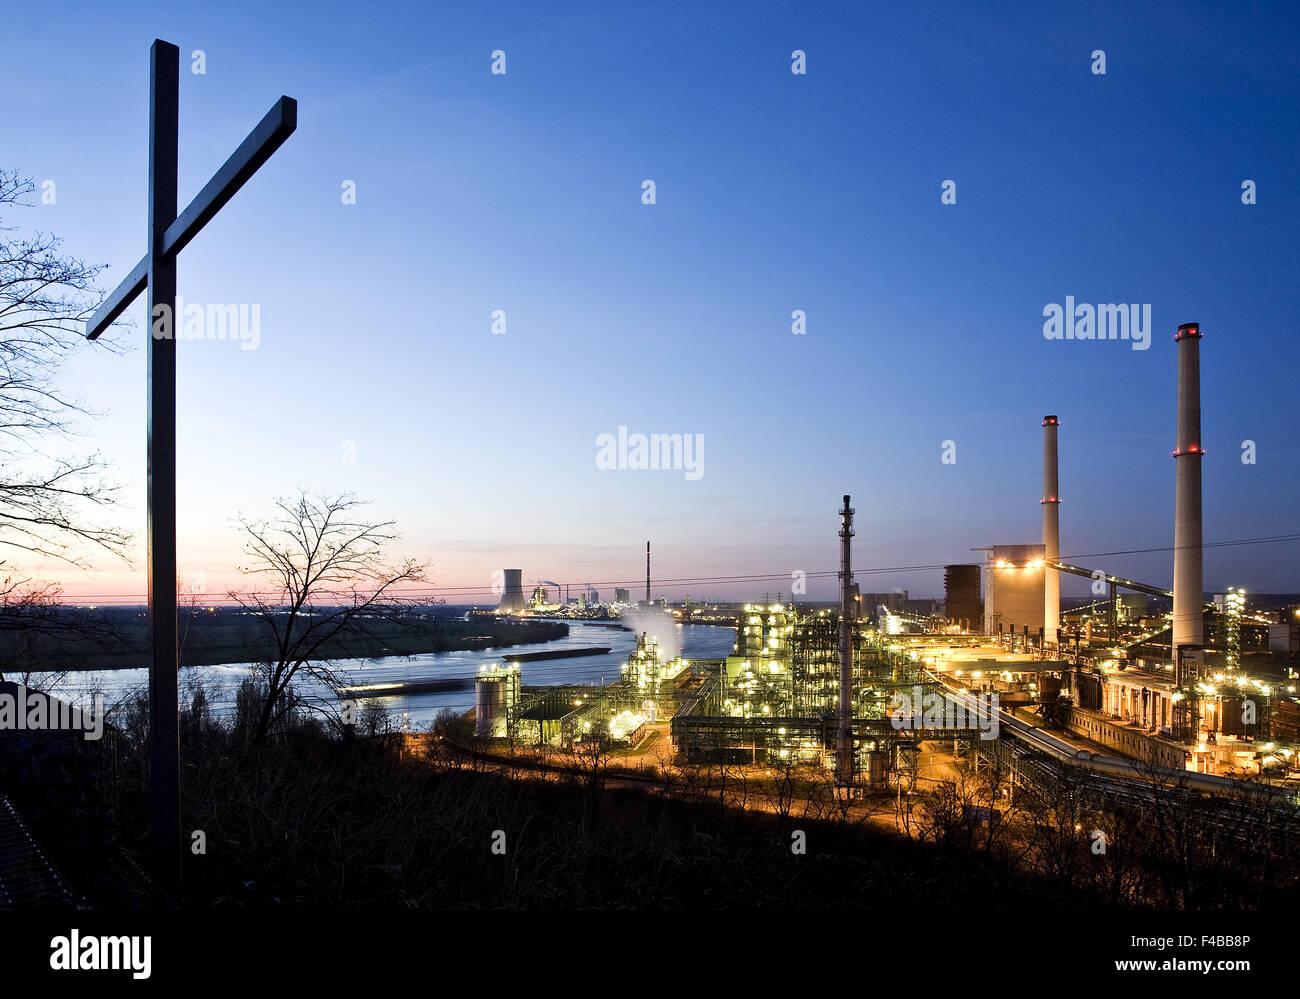 Aussichtspunkt Alsumer Berg, Duisburg, Deutschland. Stockbild